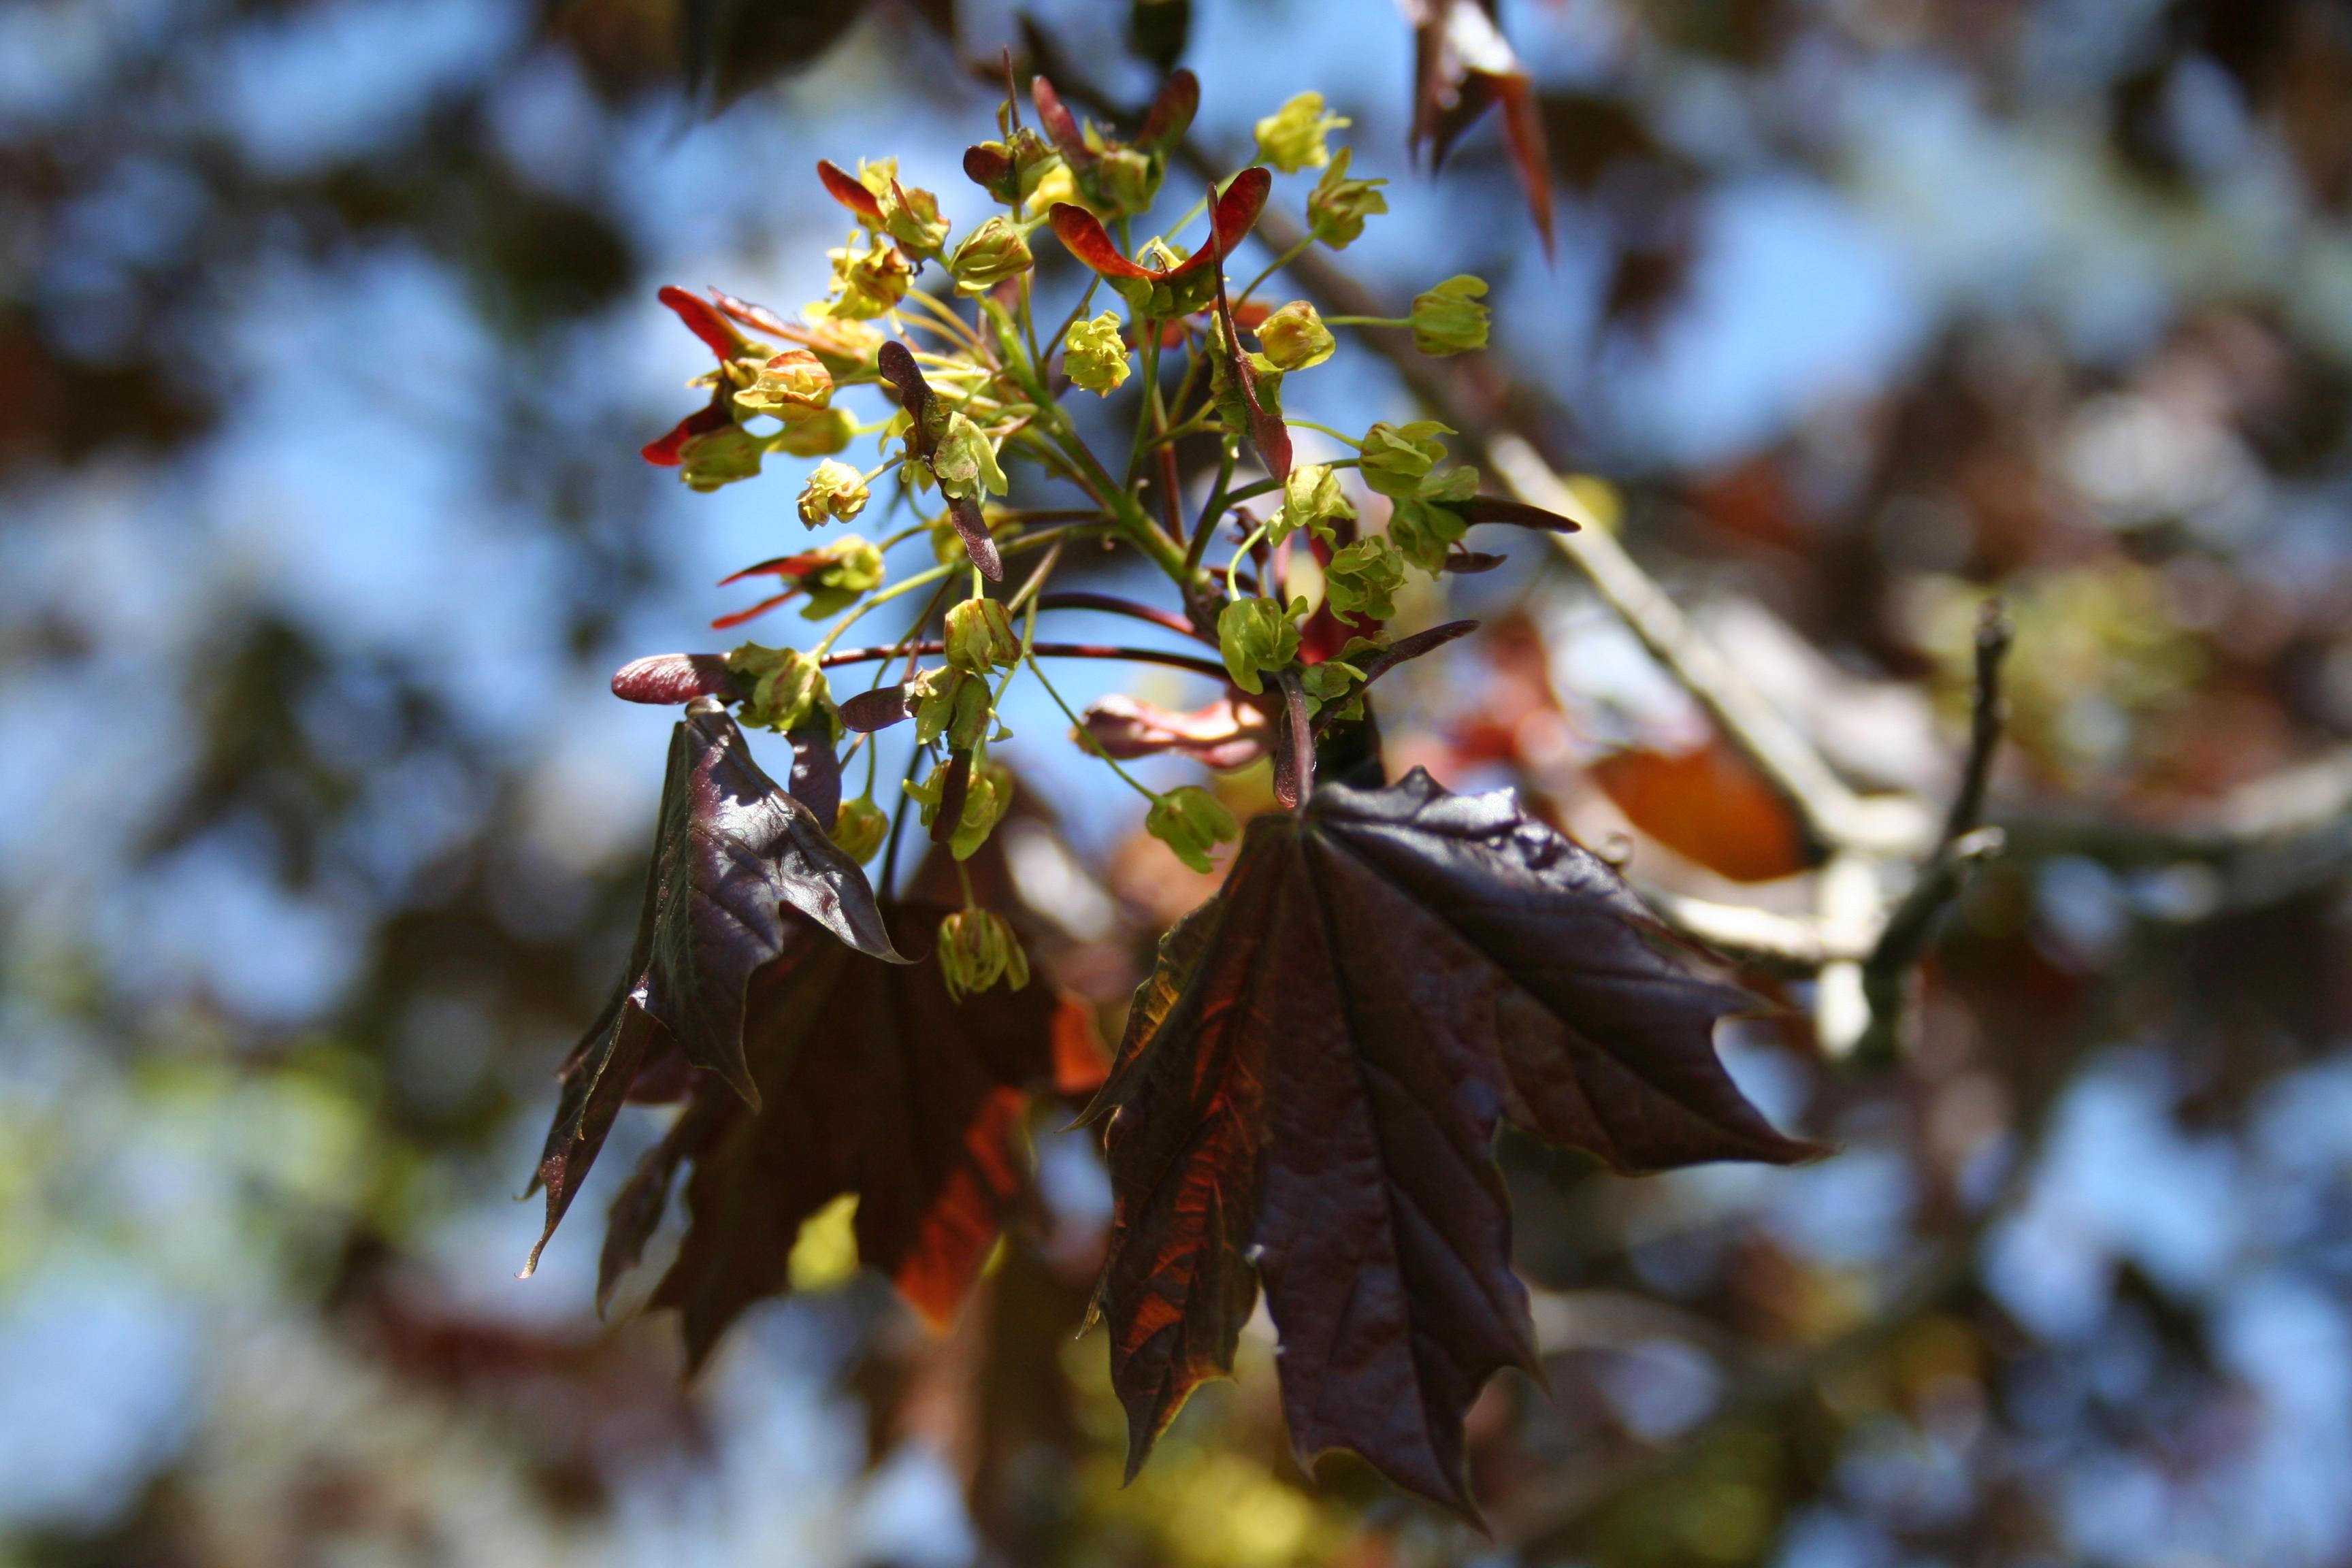 Norway Maple flowering